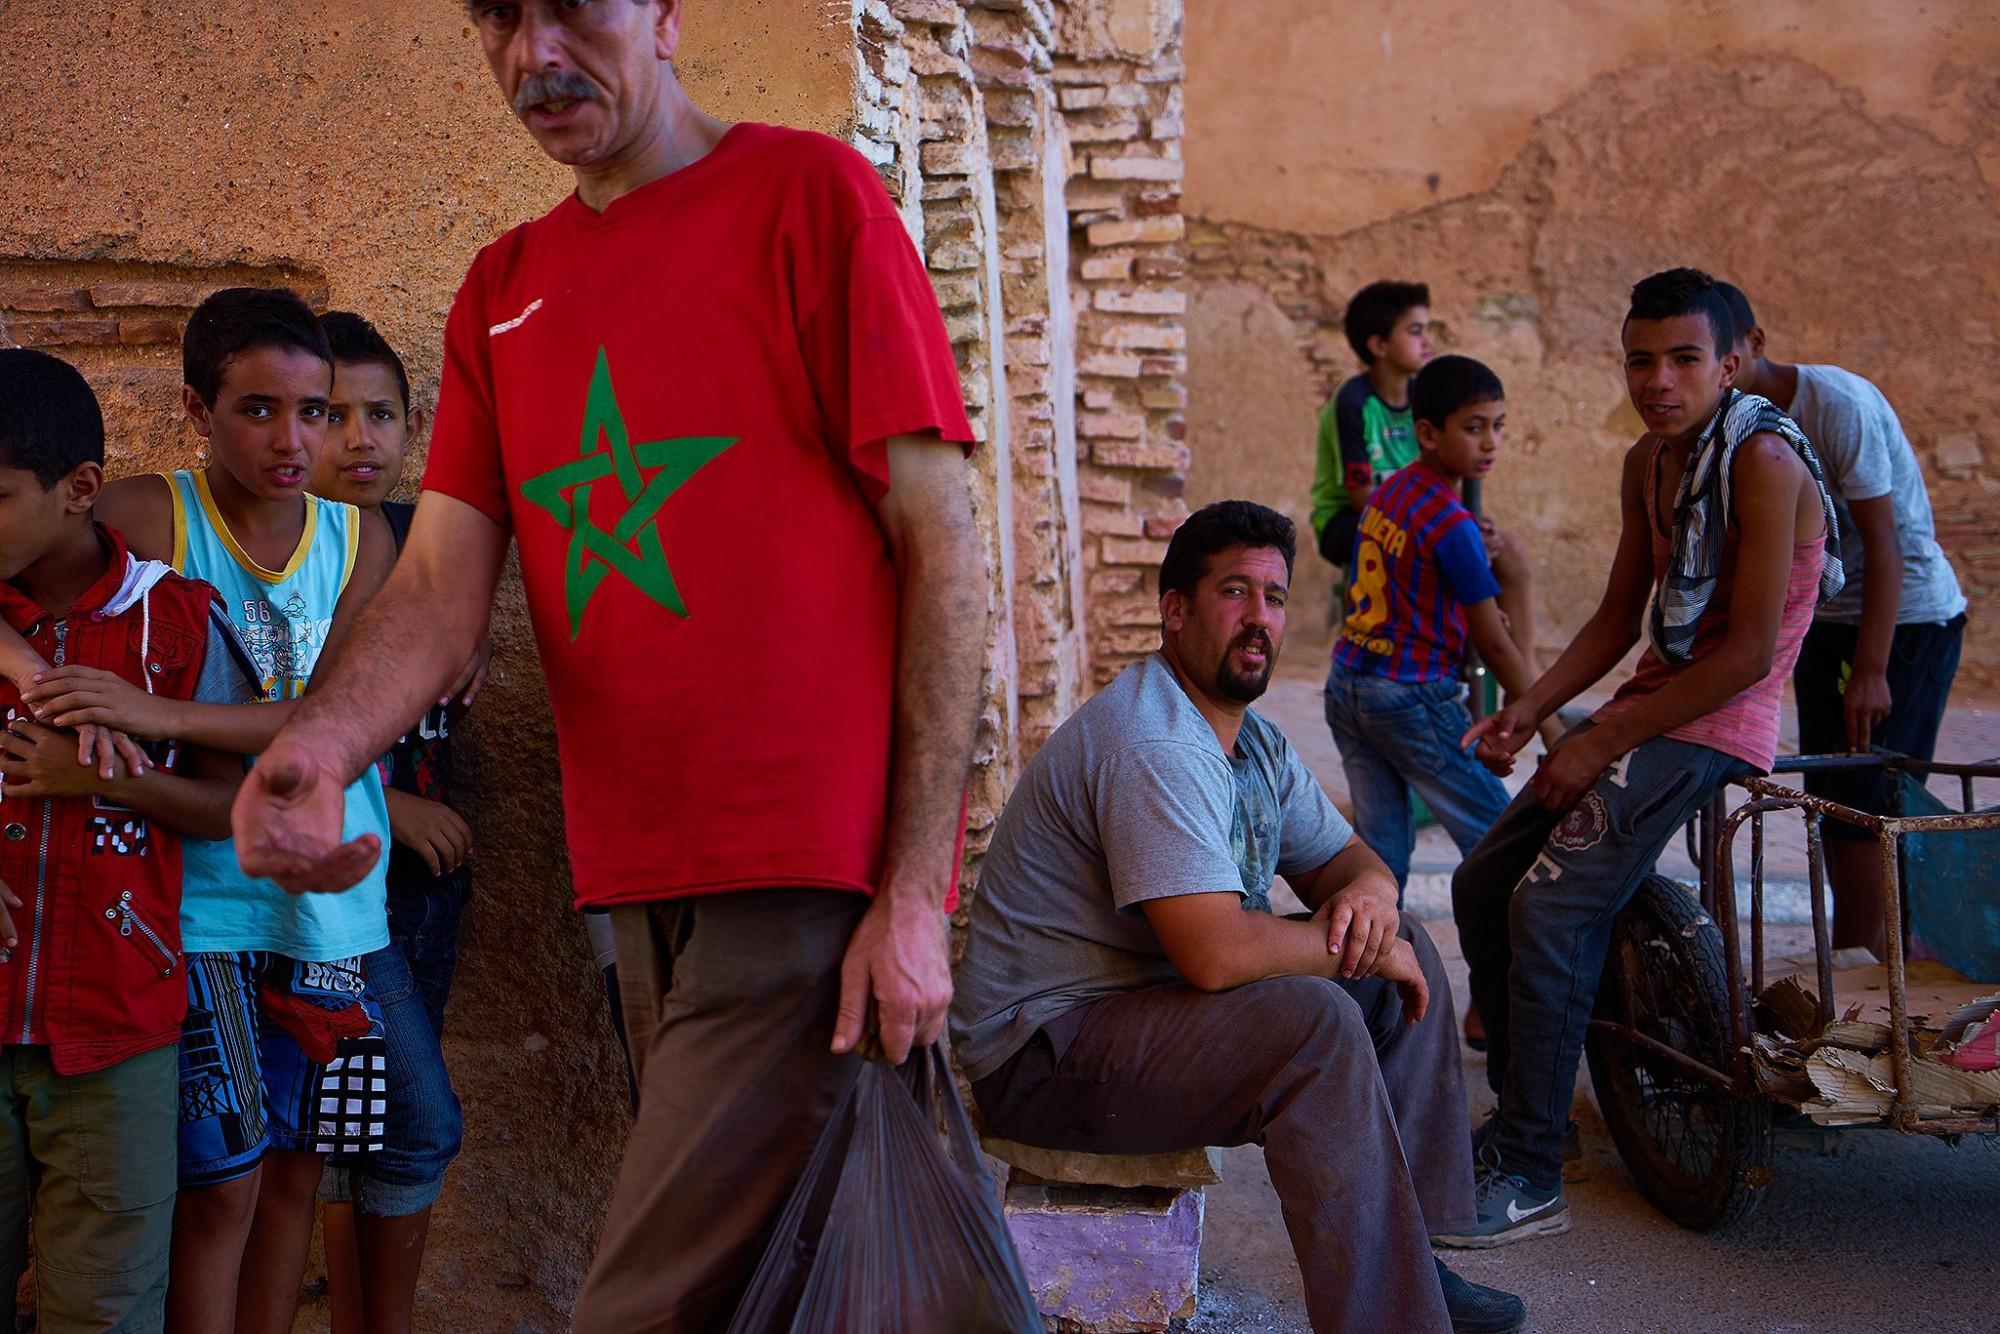 Afbeelding: Dominique Van Huffel, reisreportage, Marokko, Fez.